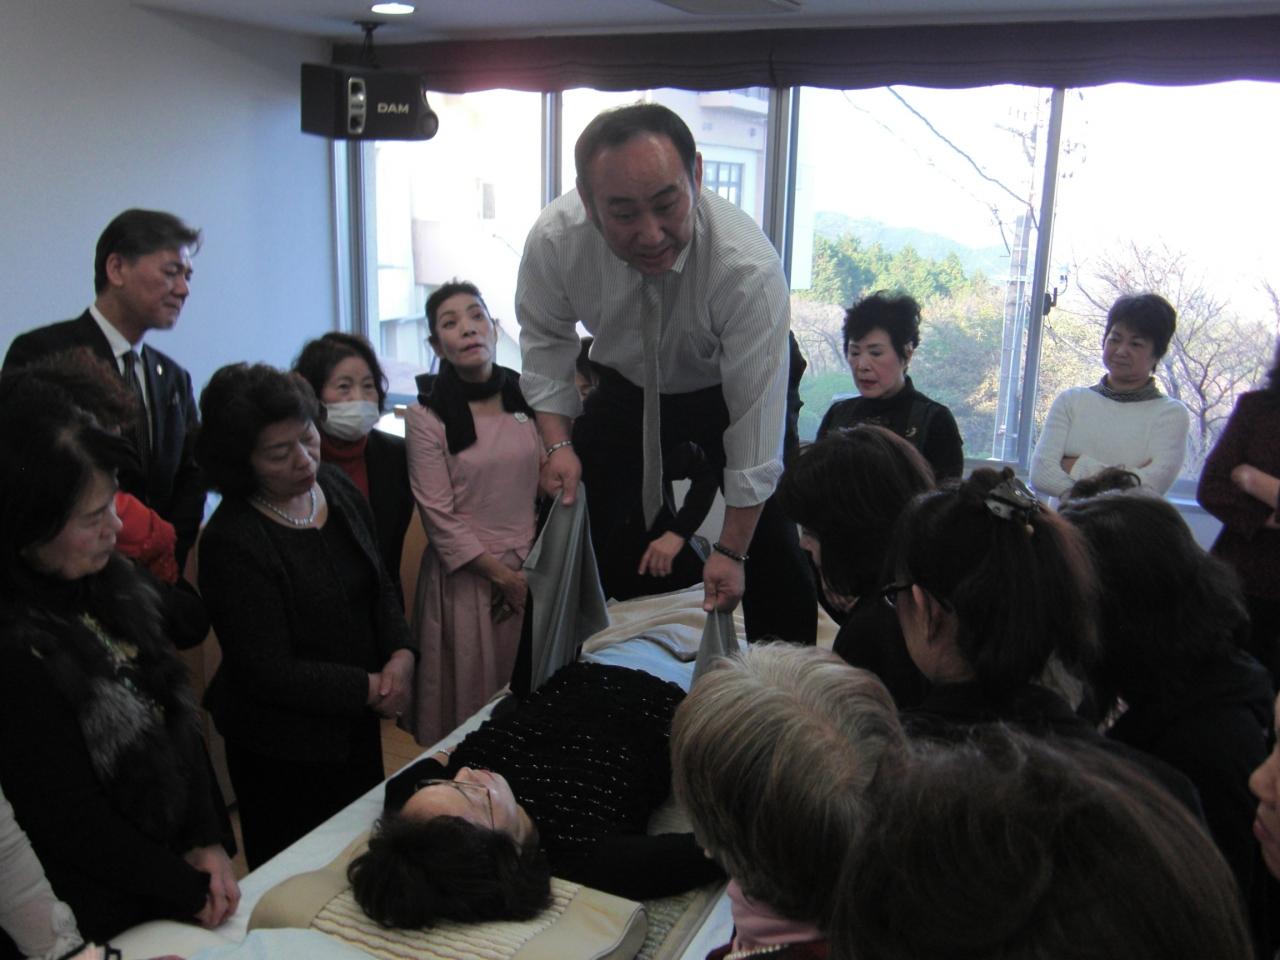 光田年寿先生の「健康相談会」開催